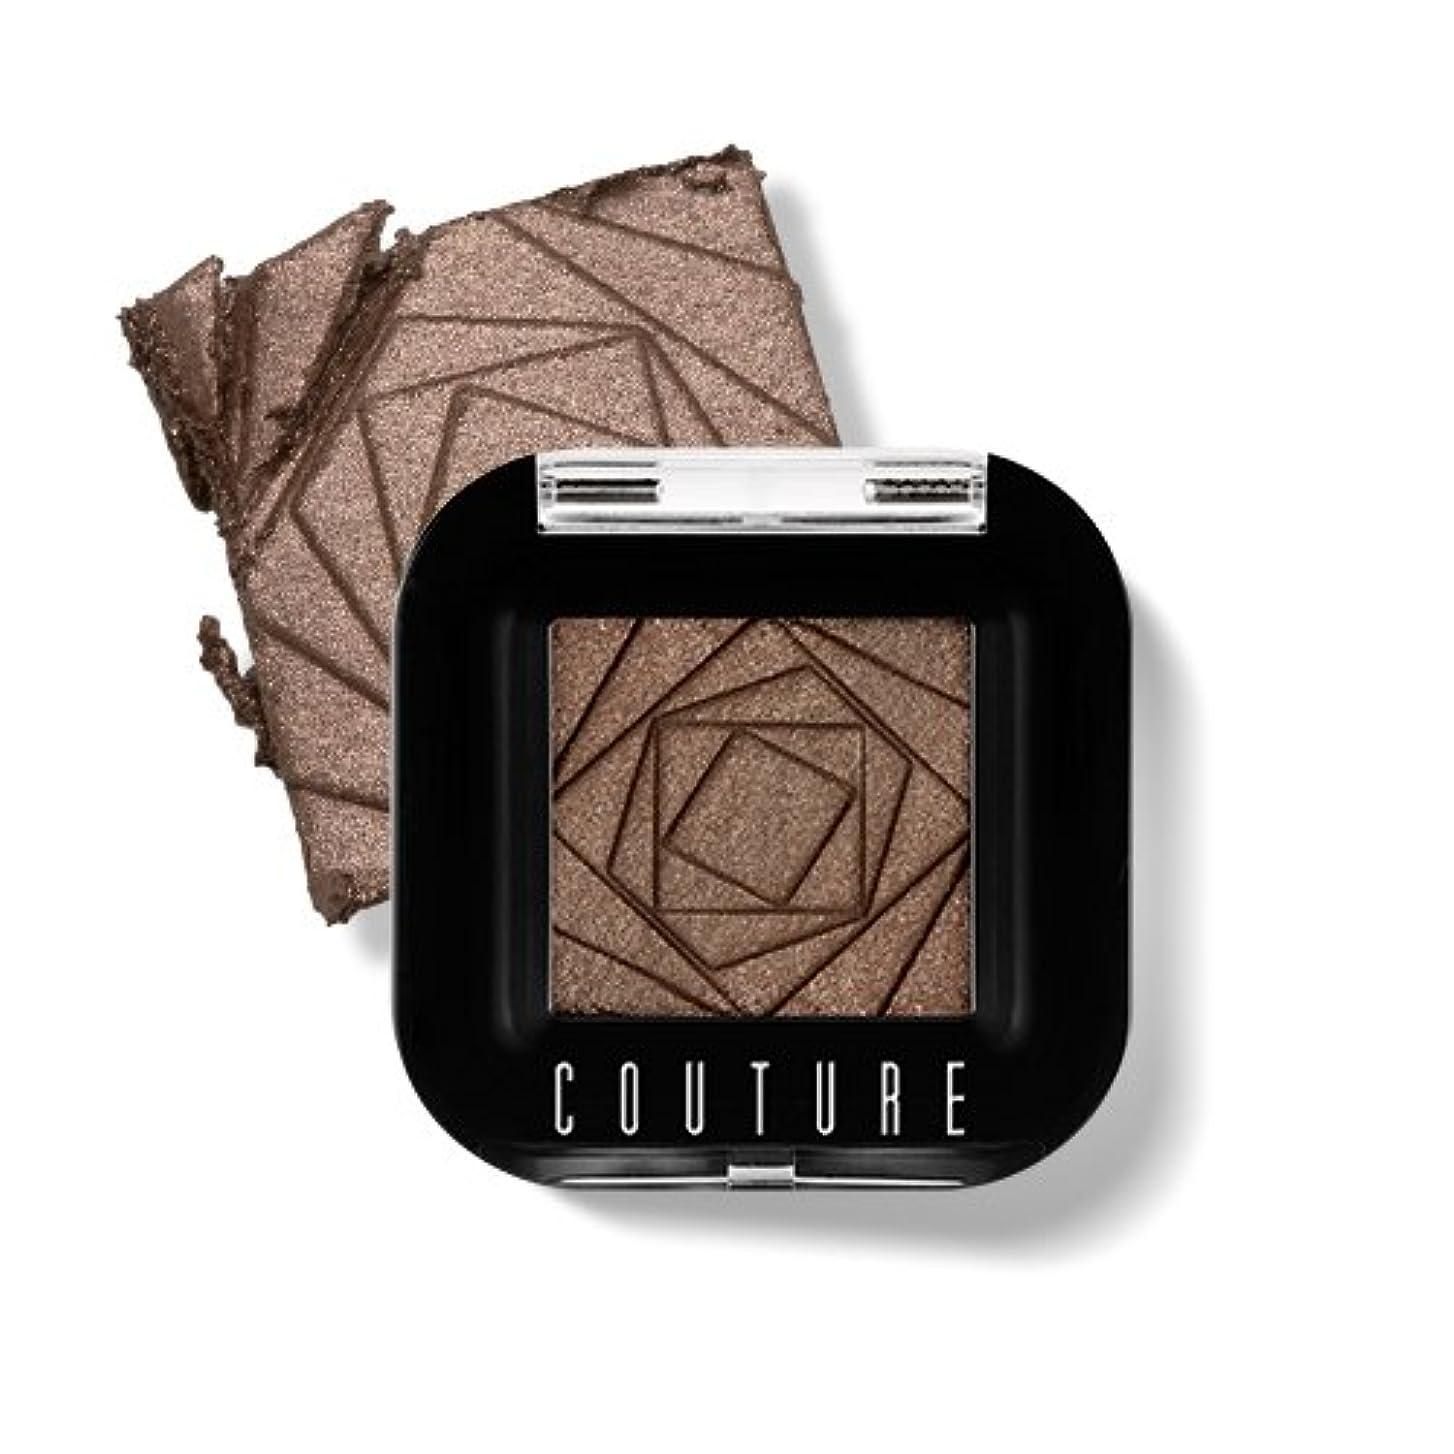 交通送金学んだAPIEU Couture Shadow (# 6) /アピュ/オピュ クチュールシャドウ [並行輸入品]